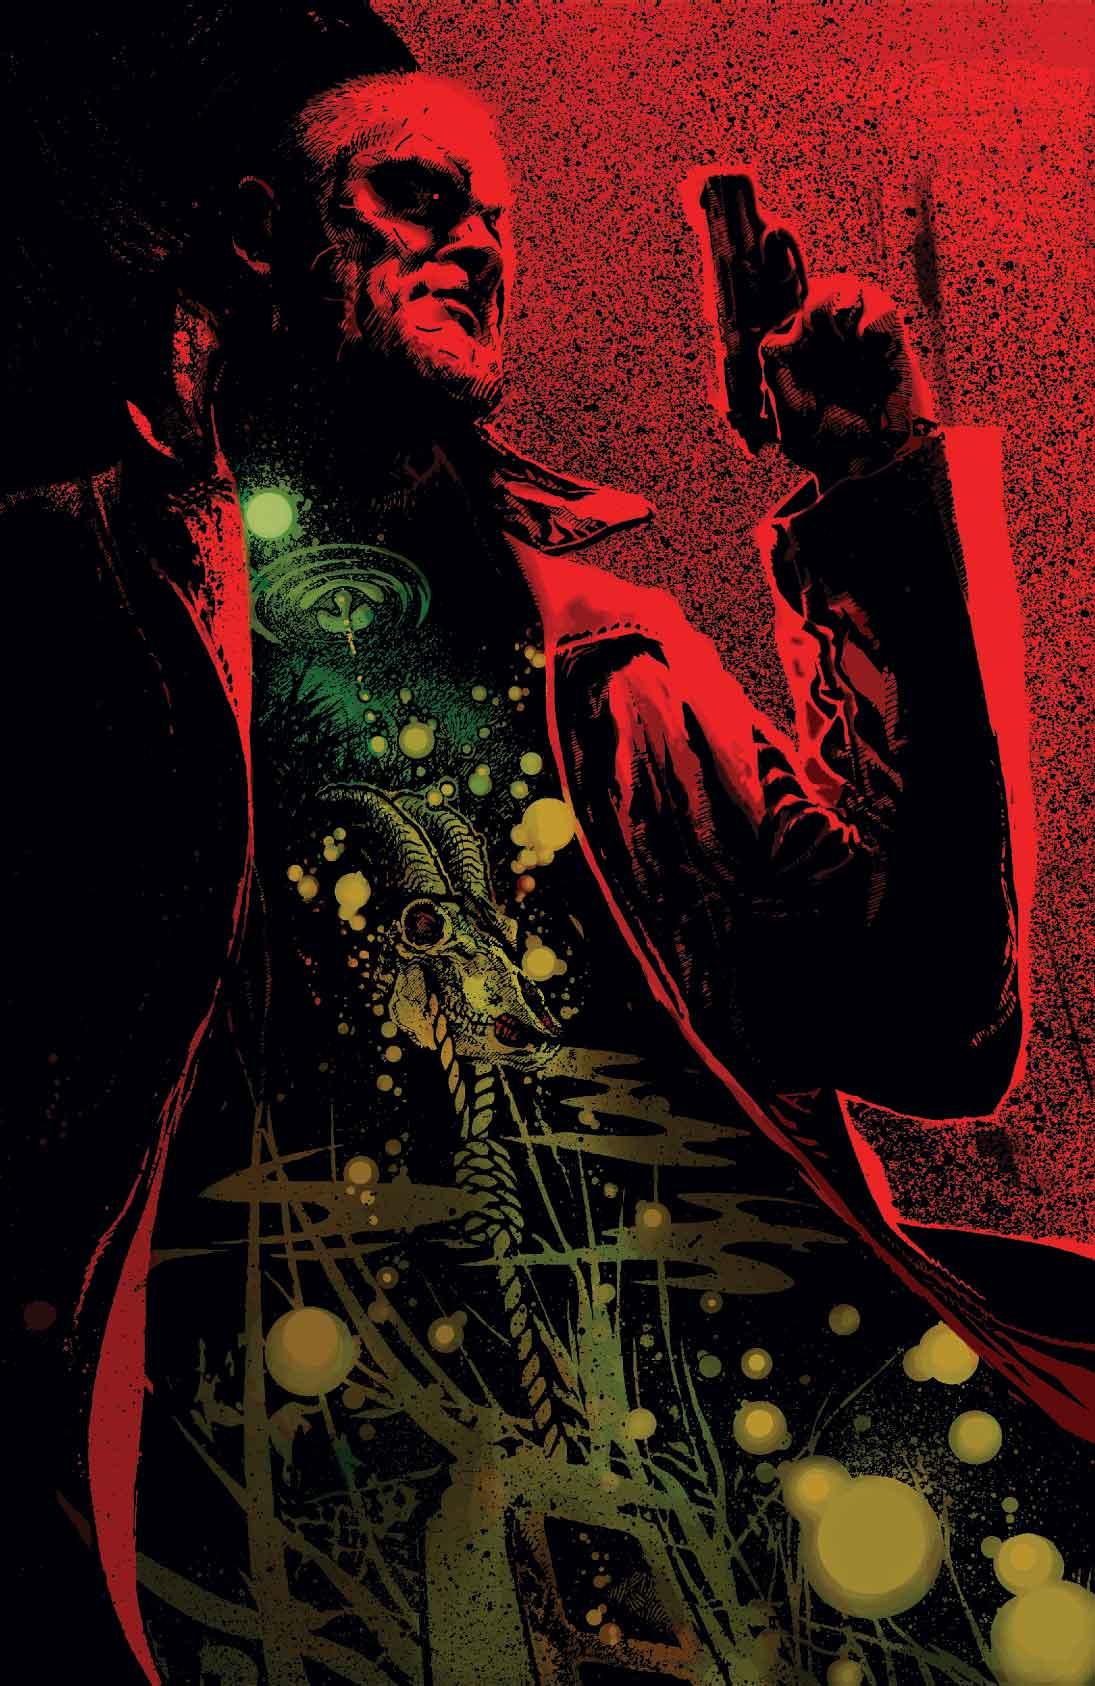 ILLUSTRATION DE COUVERTURE DE MEN OF WRATH #3, PAR TONY HARRIS